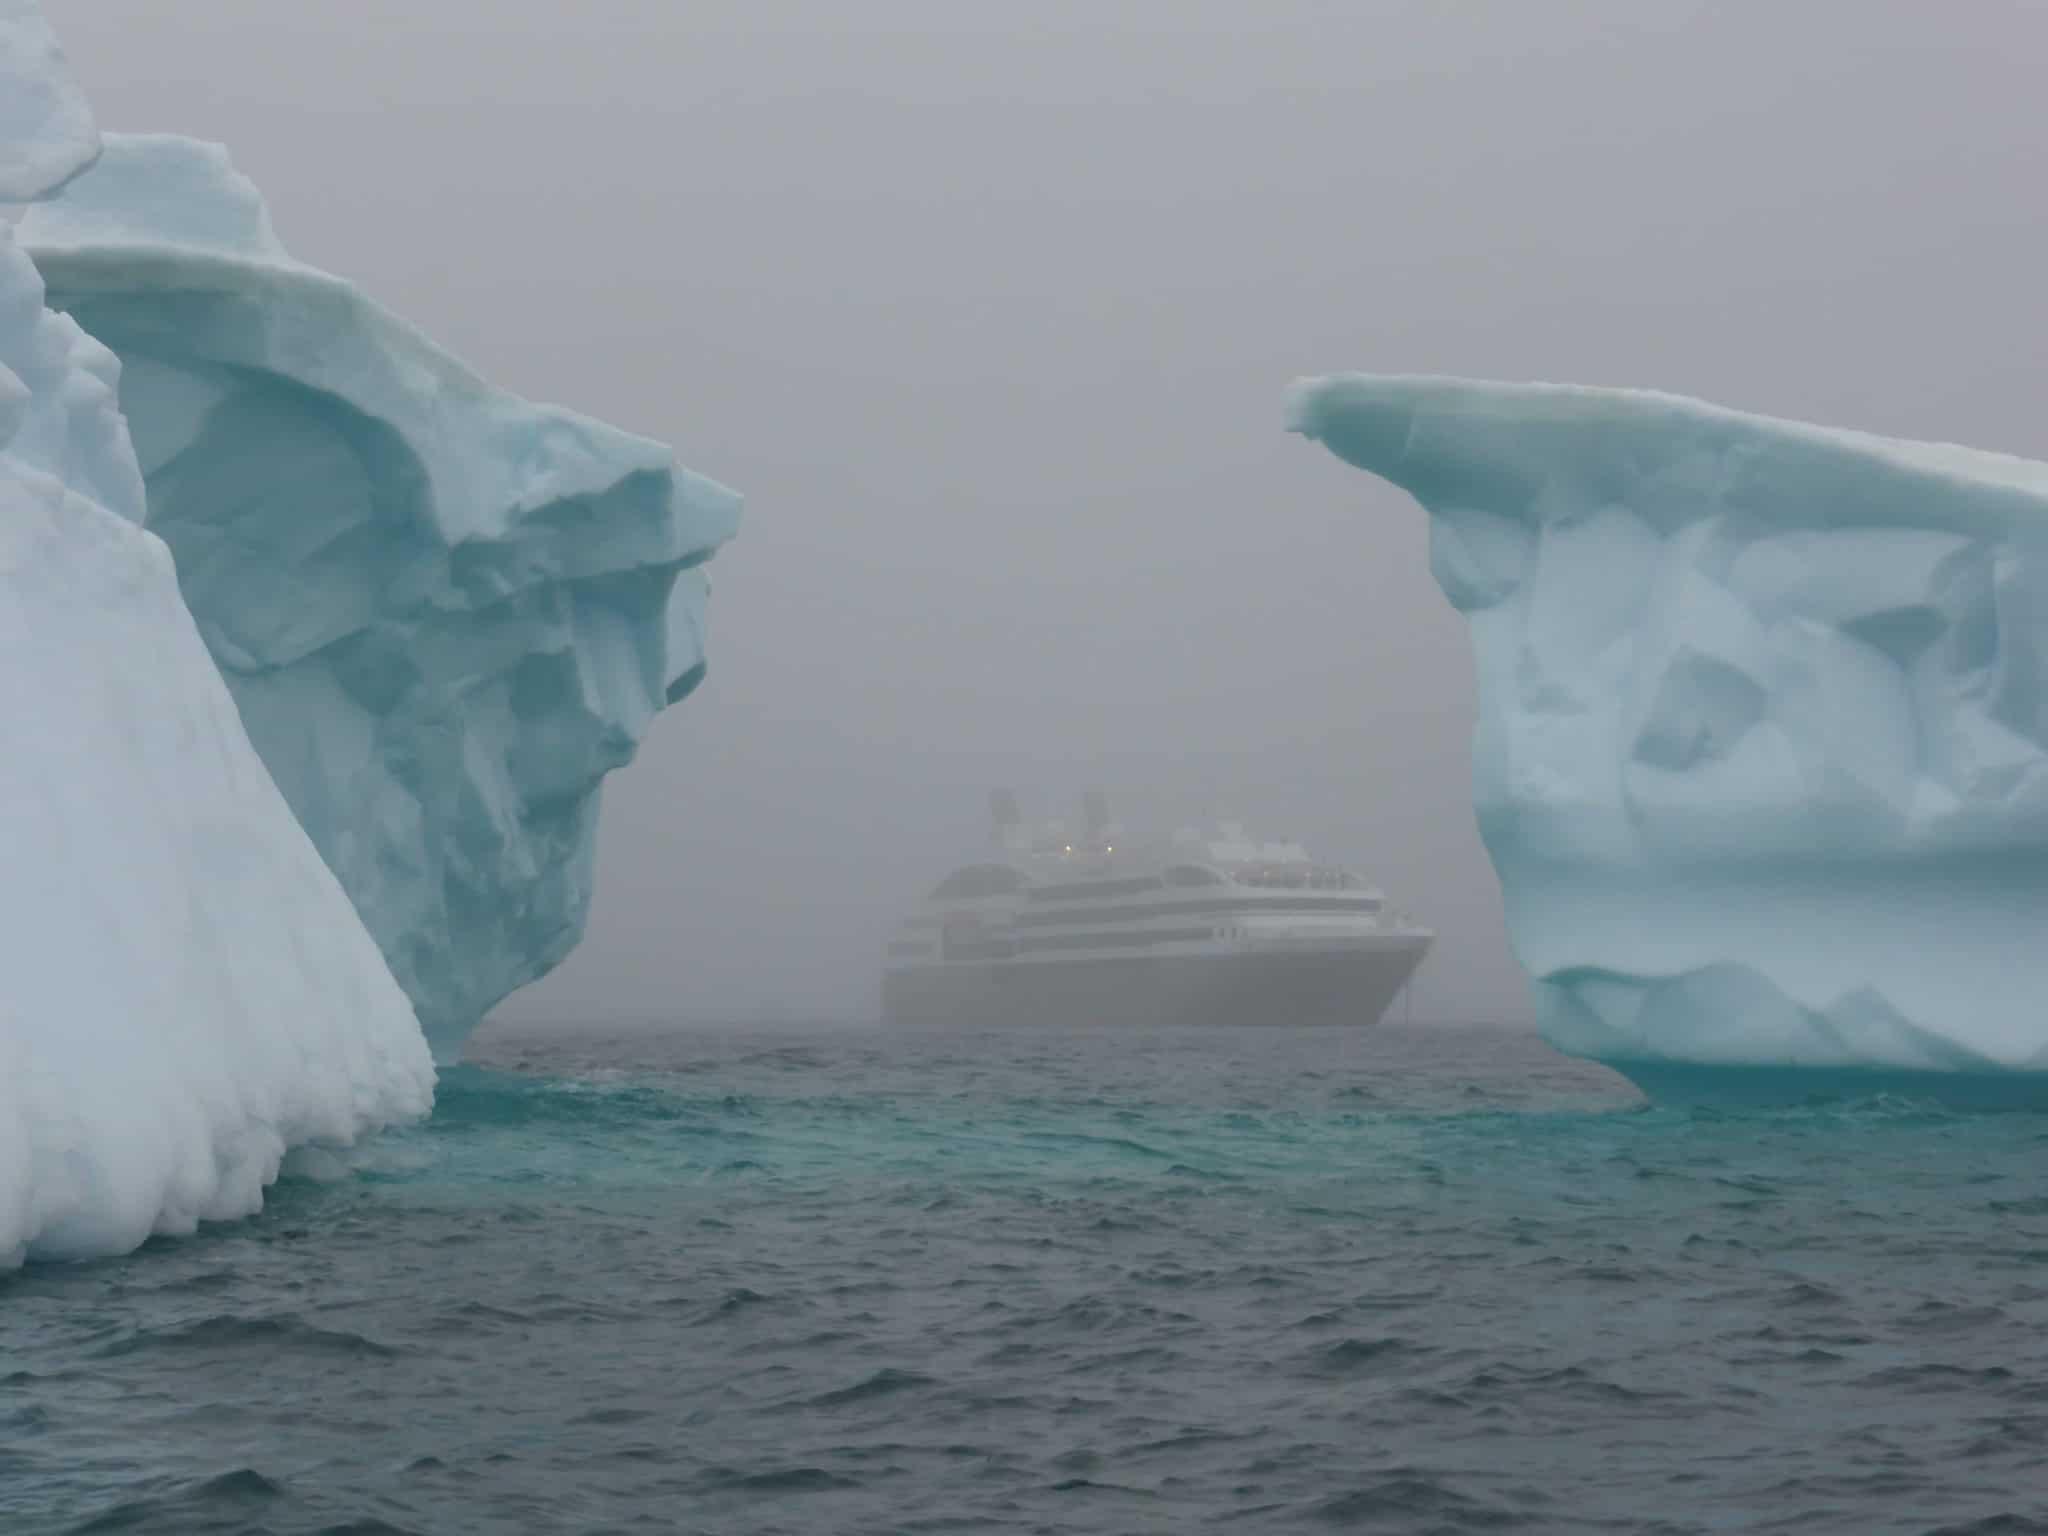 El hallazgo de mejillones en Antártida alerta sobre el estado ambiental